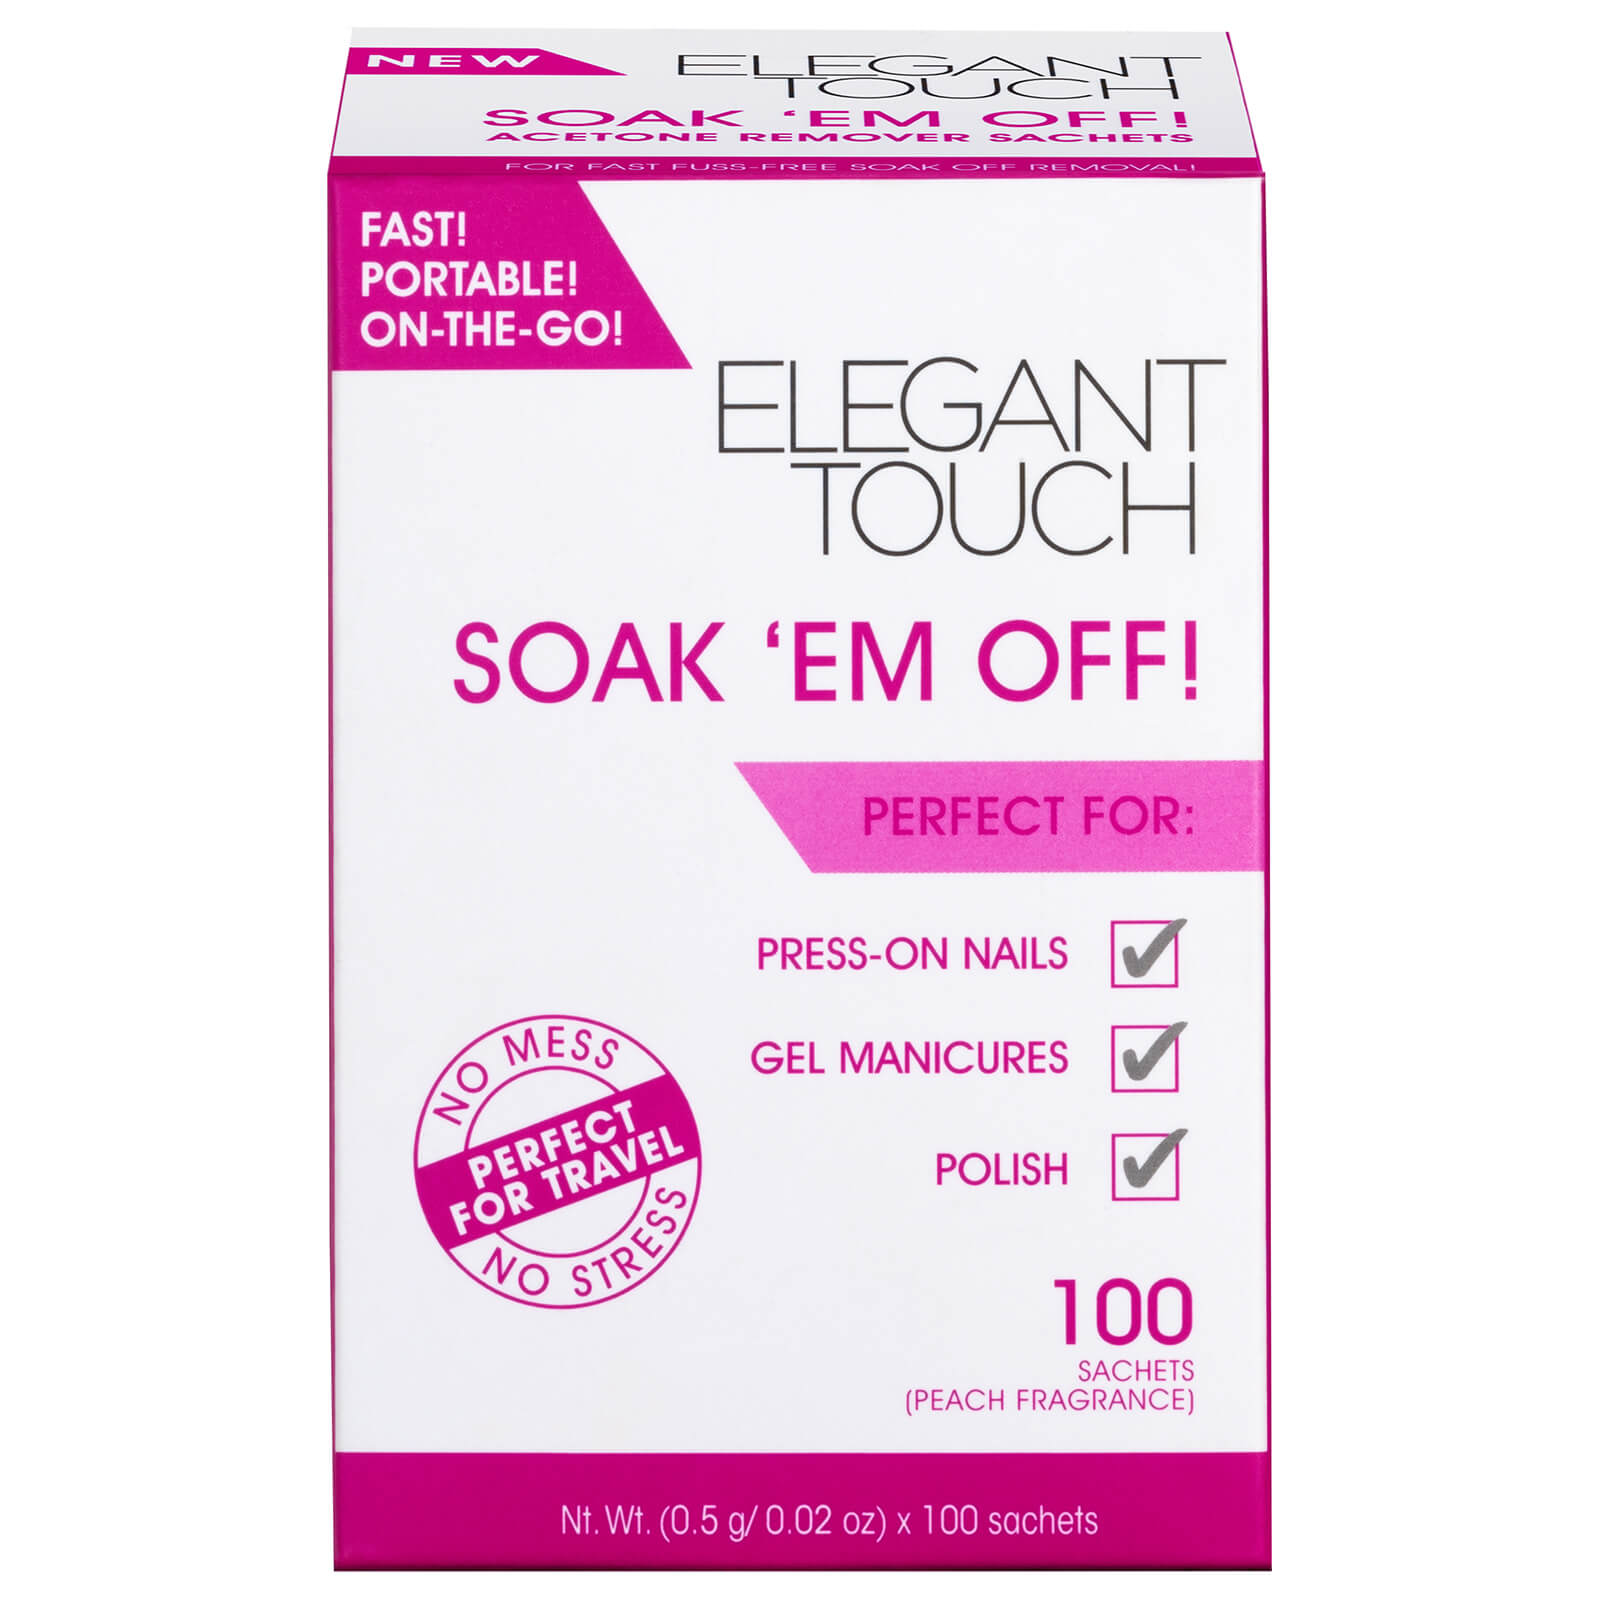 Elegant Touch Soak 'Em off! Nail Polish Remover (100 Sachets)